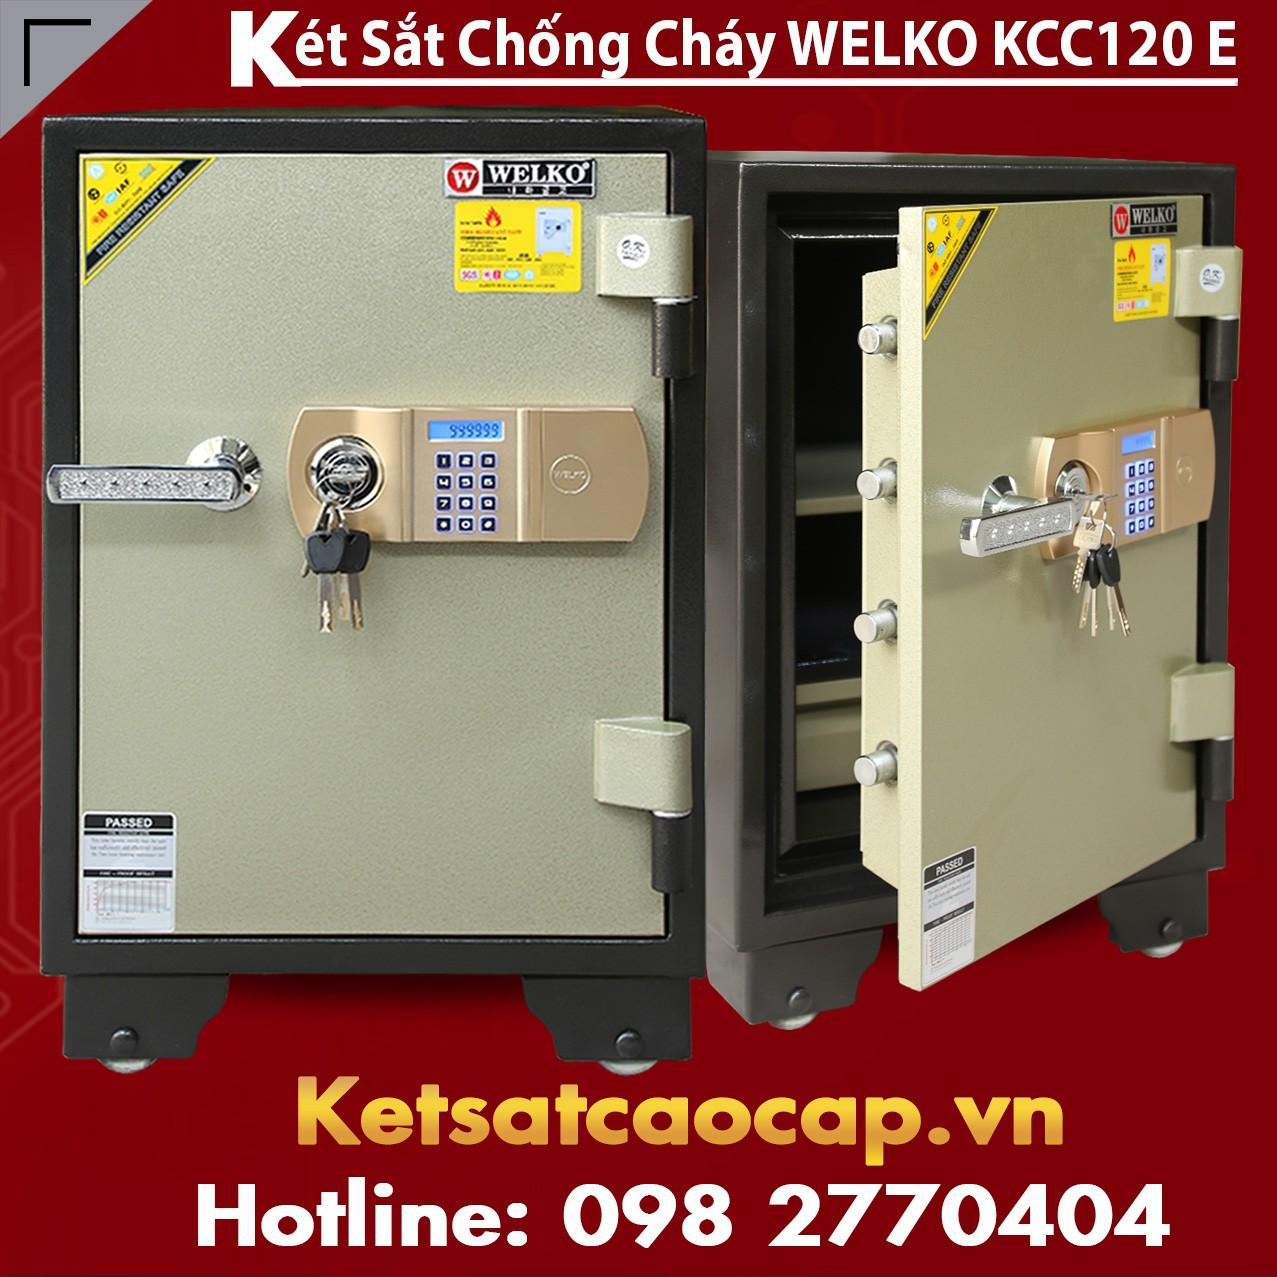 Két Sắt Chống Cháy WELKO KCC120 E